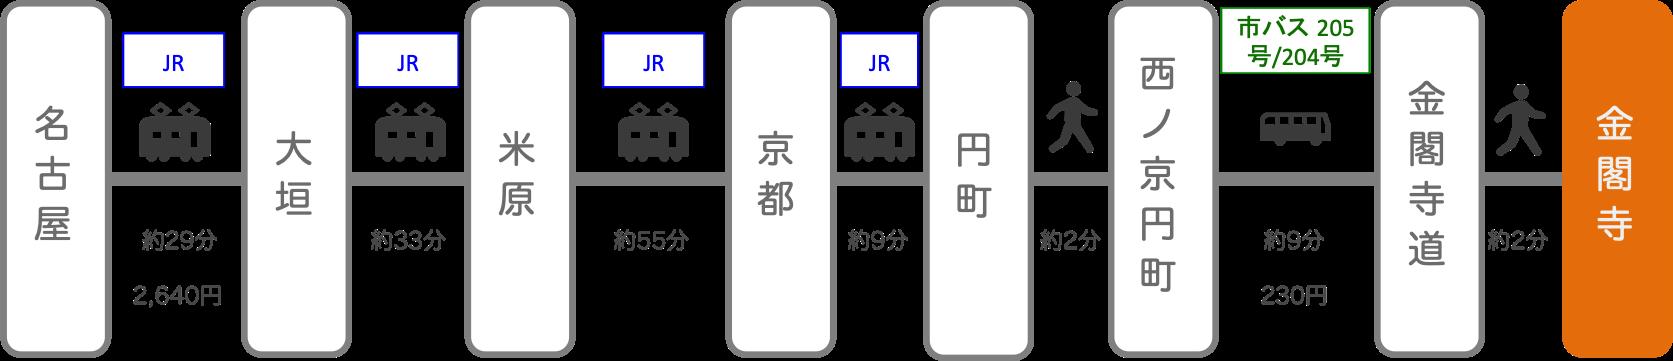 金閣寺_名古屋(愛知)_電車